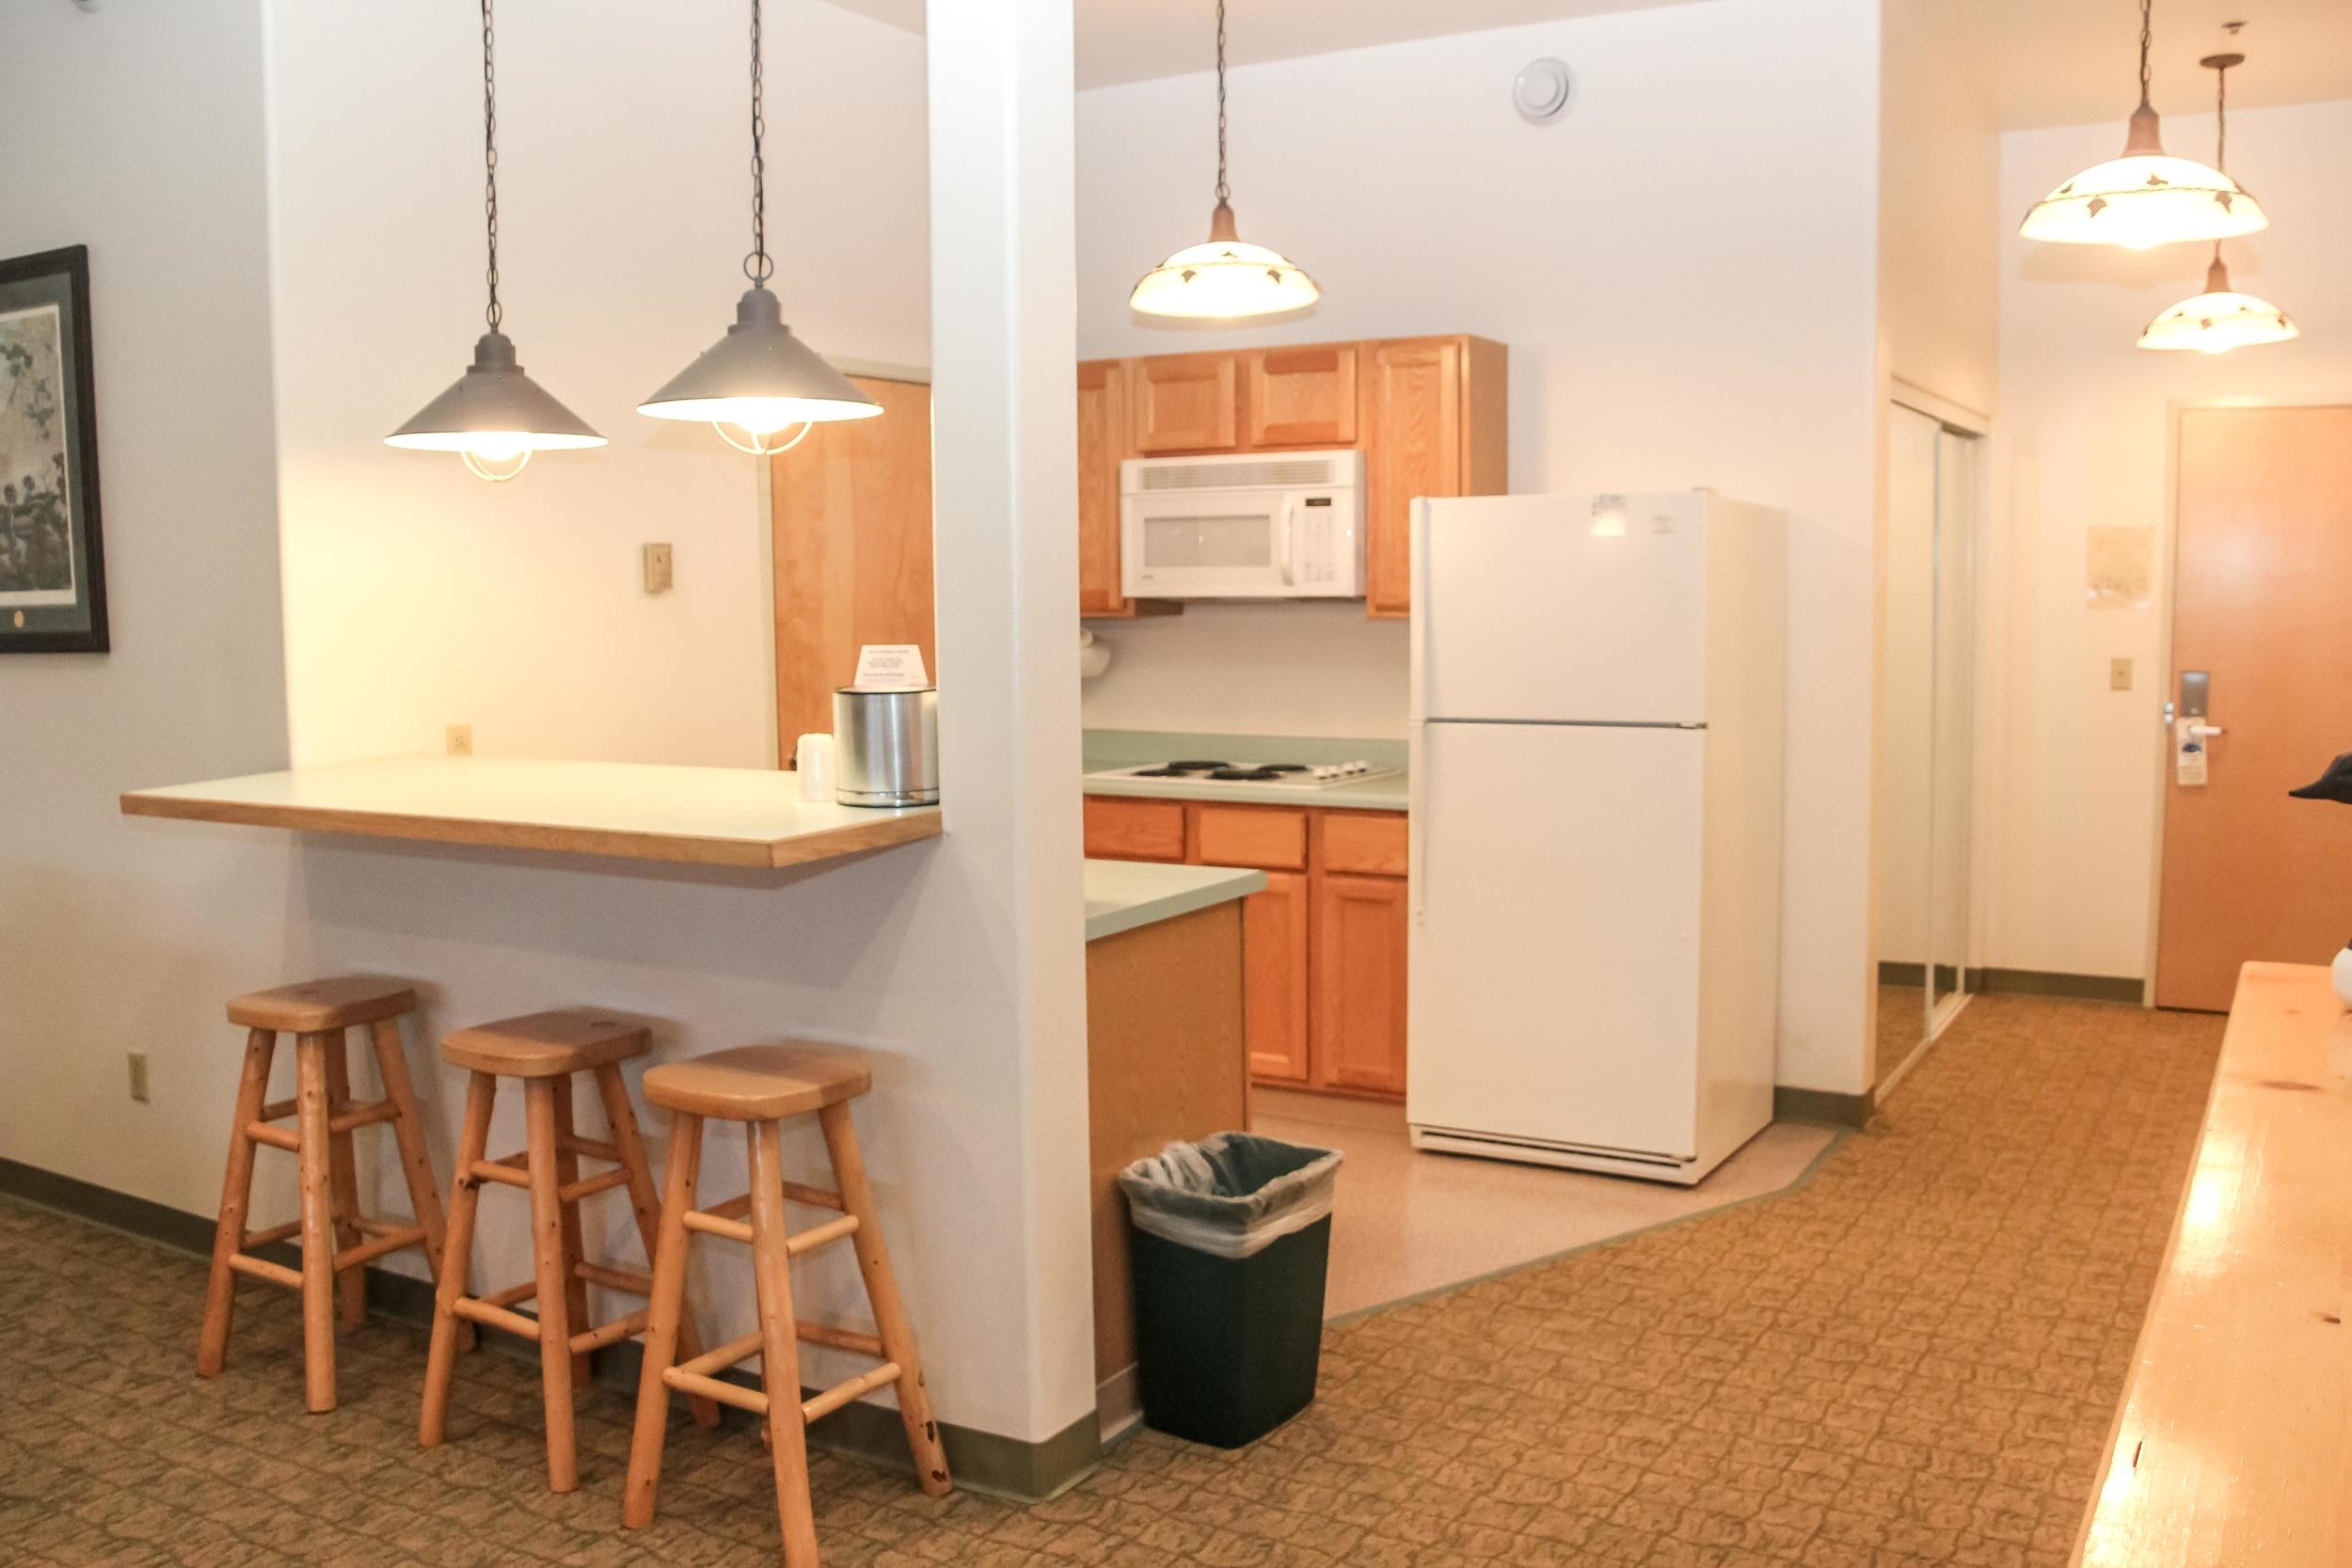 kingeider rooms presidential kitchen.jpg